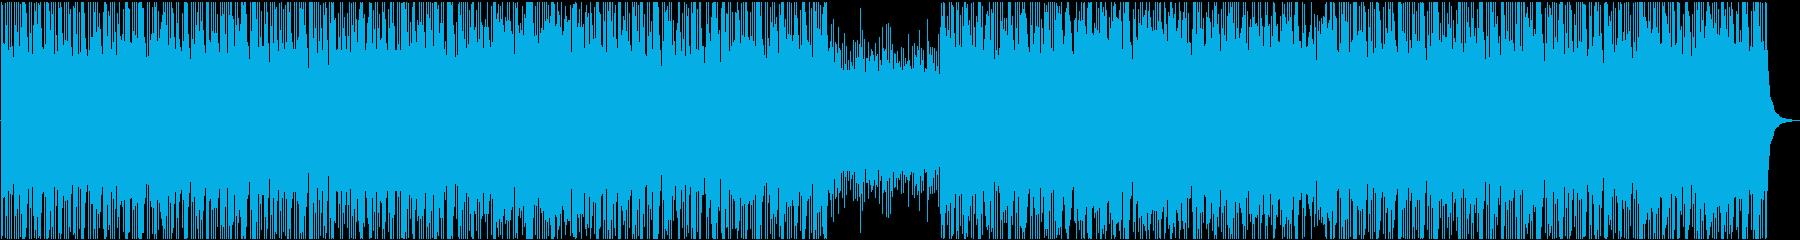 疾走感・クールなエレクトロポップ・OPの再生済みの波形